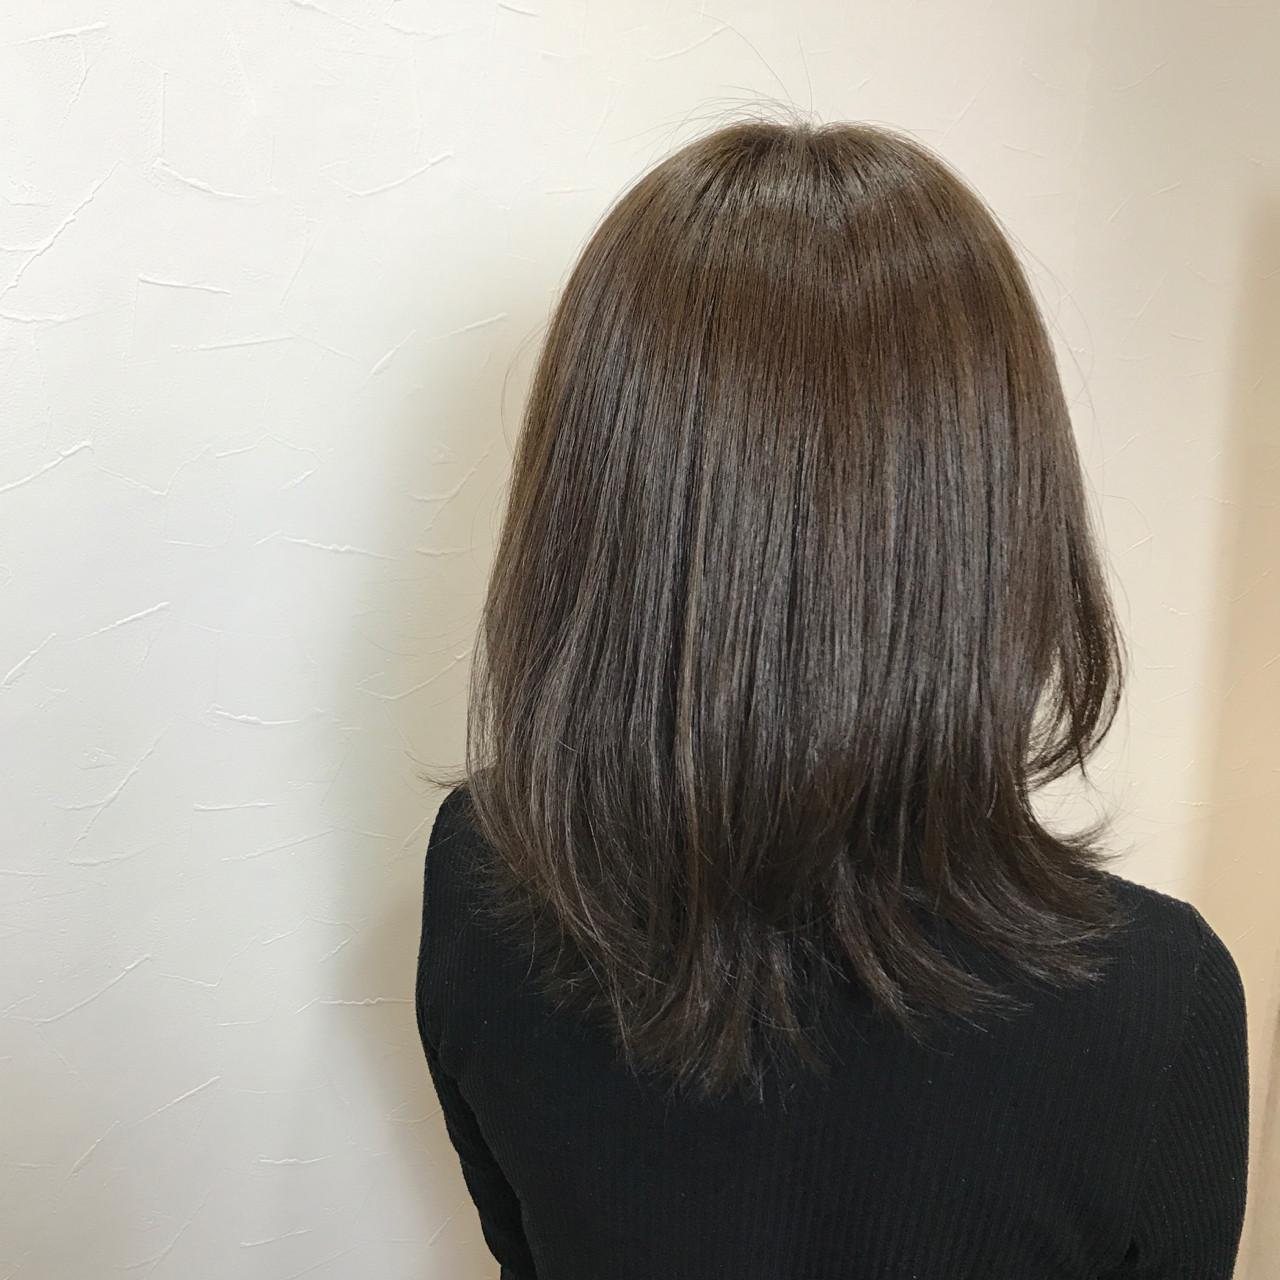 ミディアム ガーリー ベージュ マット ヘアスタイルや髪型の写真・画像